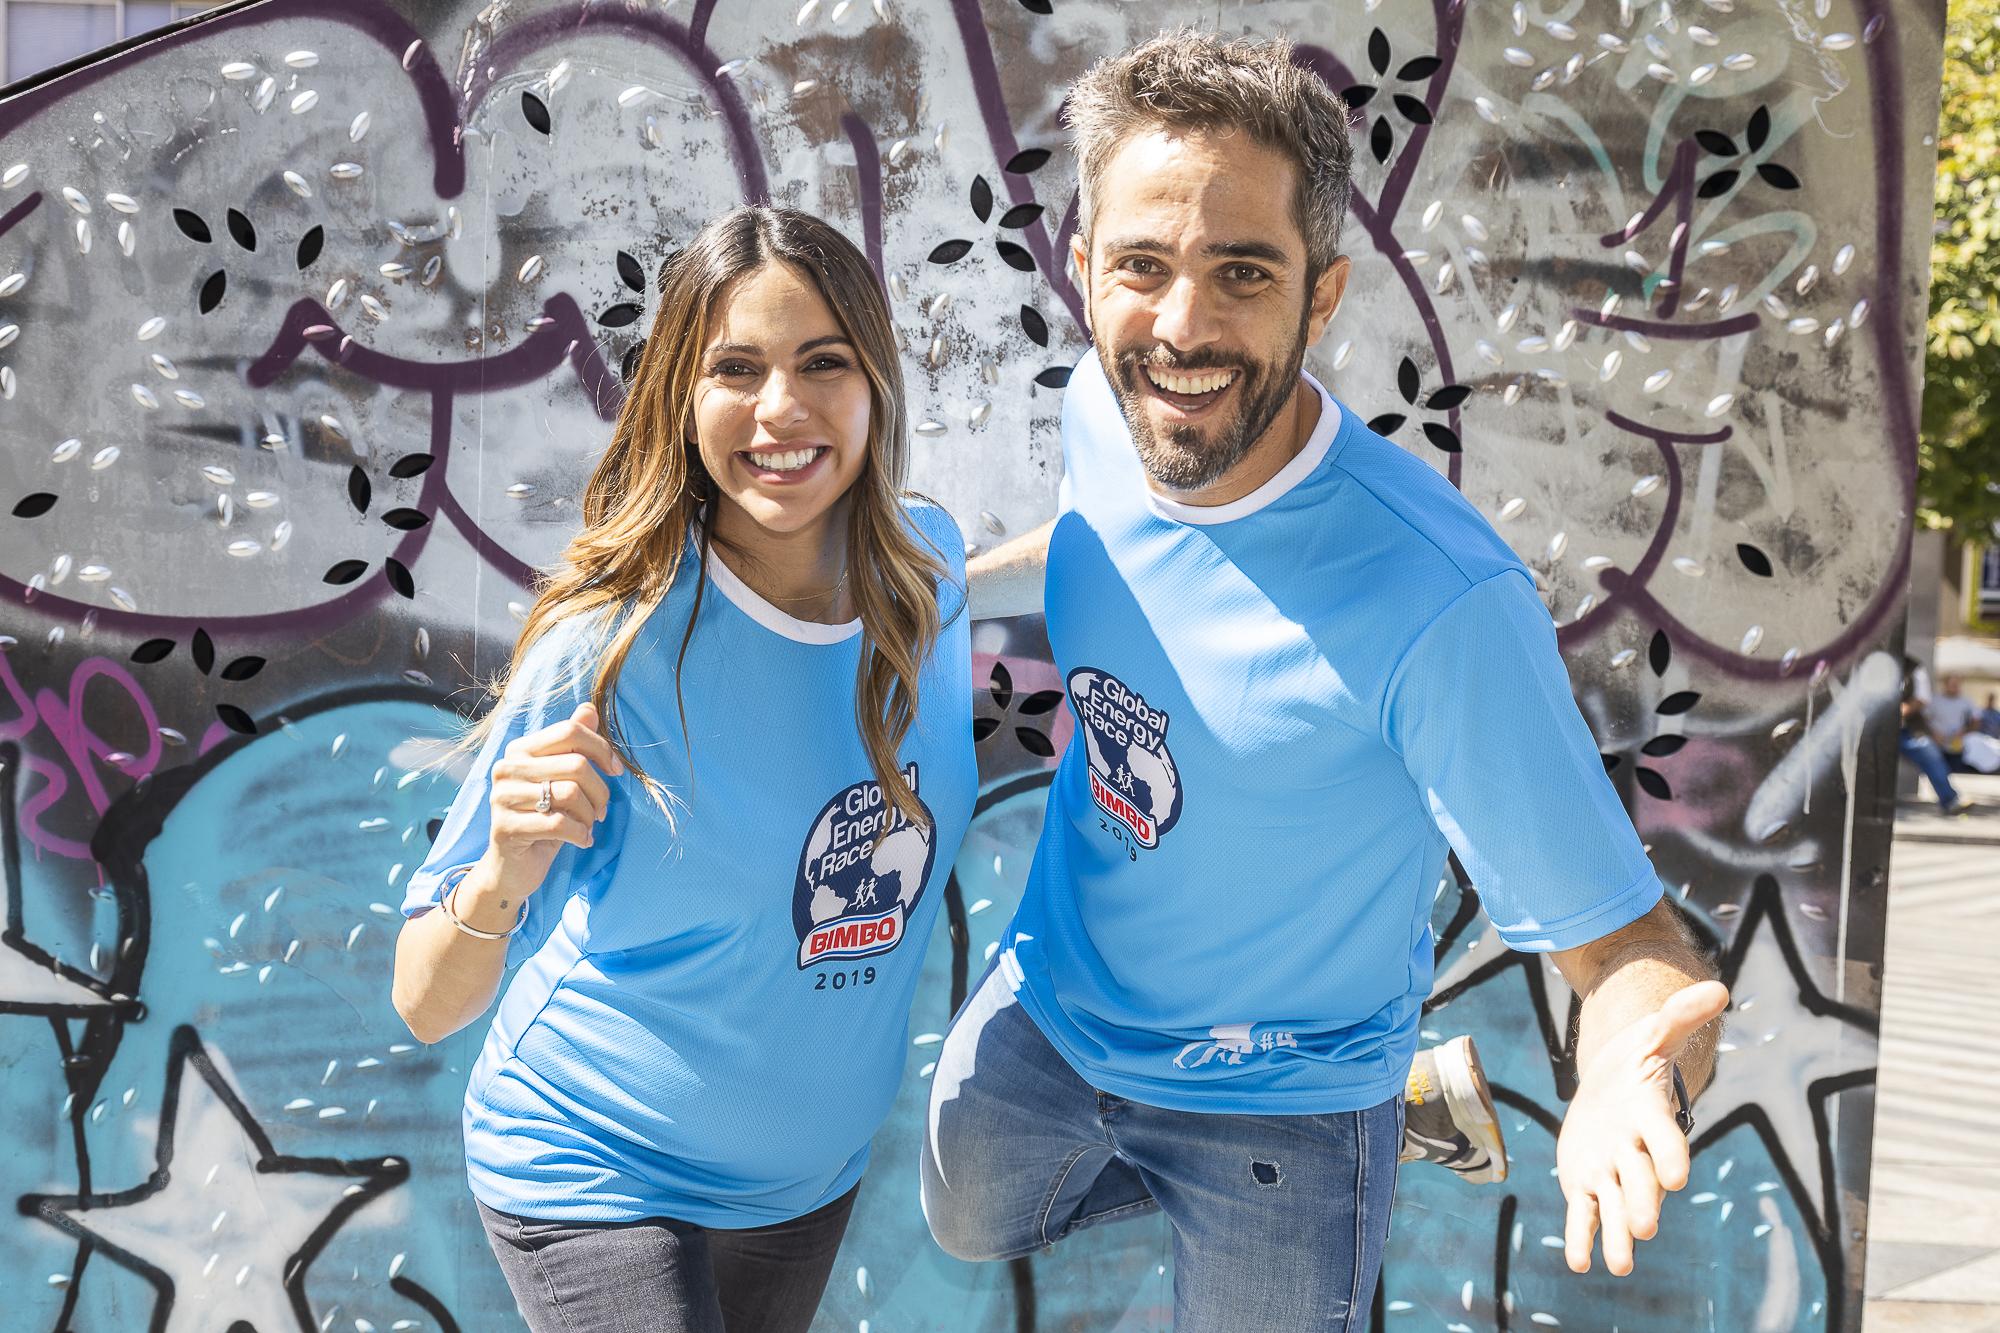 Roberto Leal y Melissa Jiménez embajadores de la carrera solidaria en 2019 II